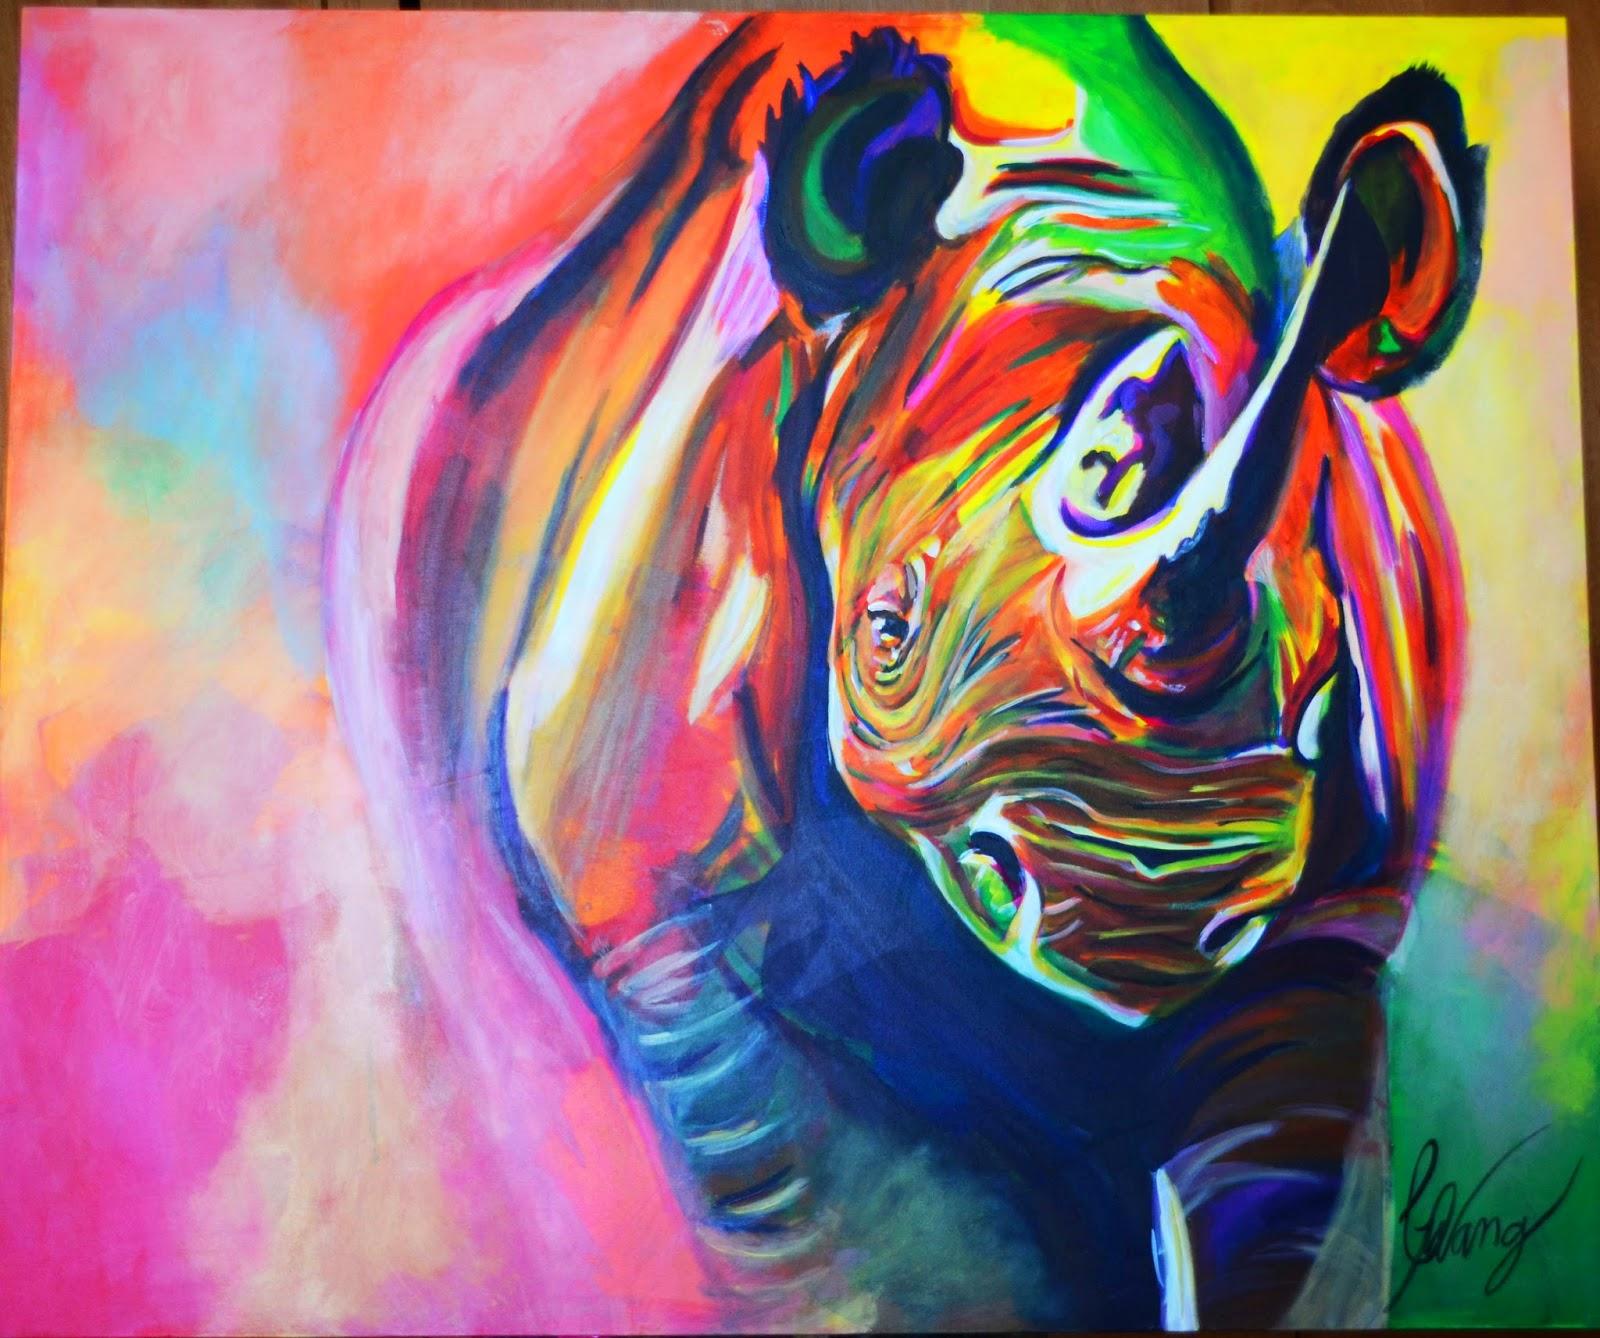 Carolina wang arte rinoceronte pintura acrilica sobre tela for Pintura acrilica moderna